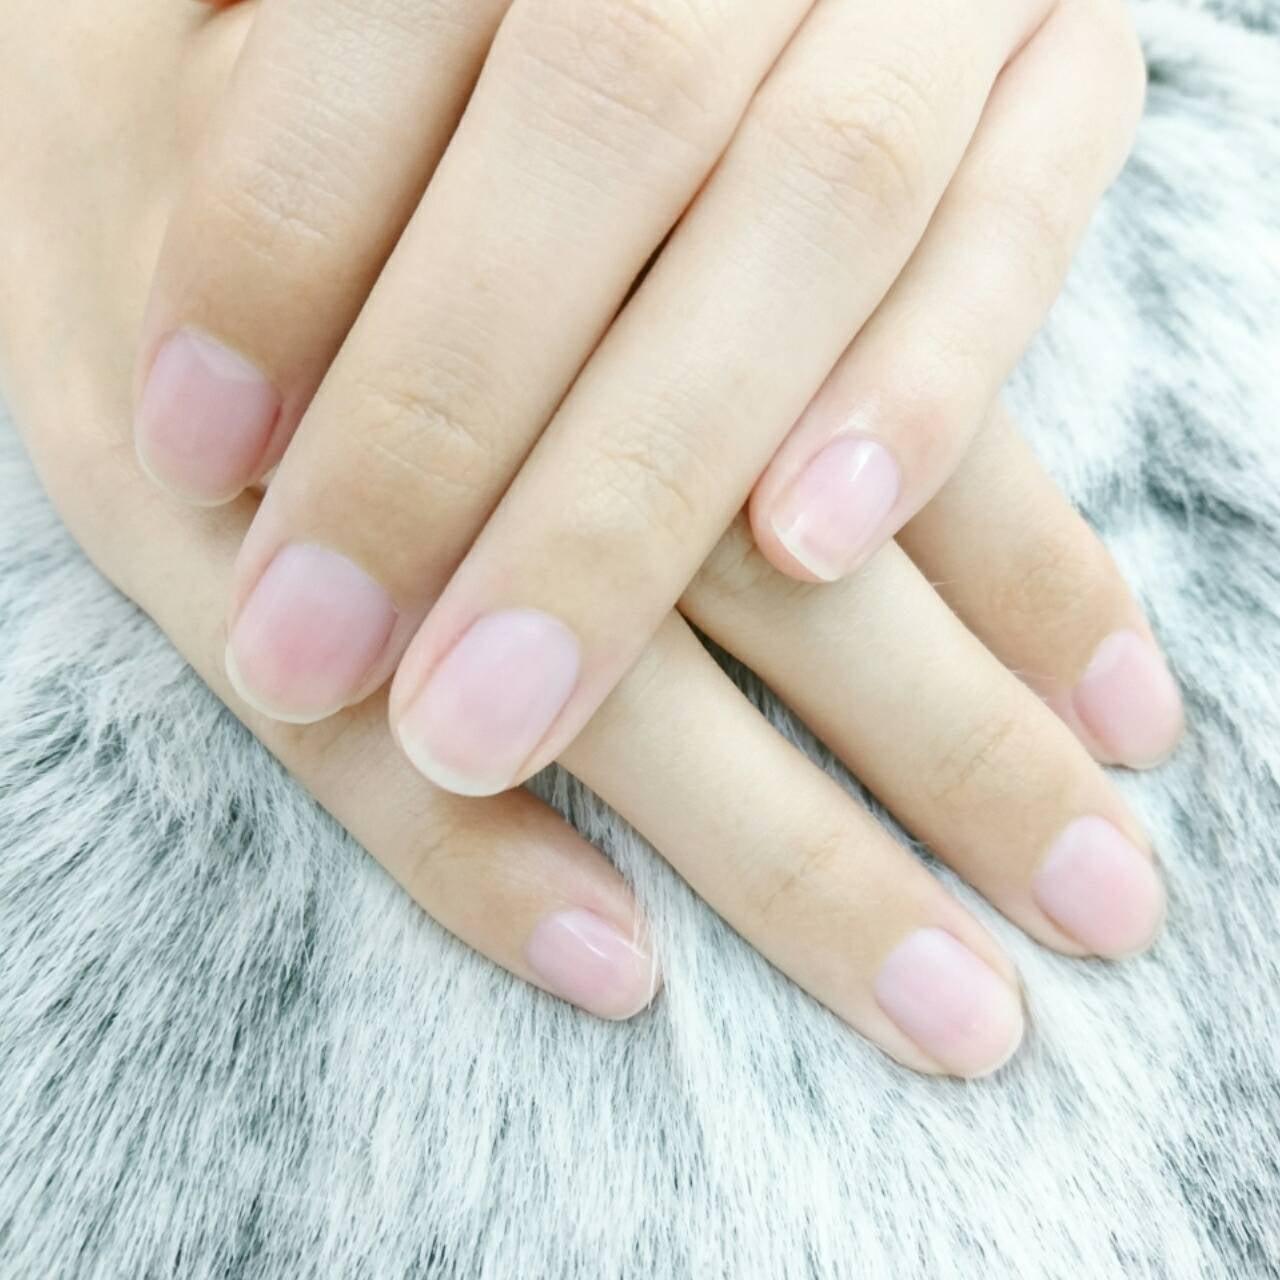 自爪を綺麗にしたい方、ジェルネイルが出来ない方★ベーシックケアコース40分 税込4400円のイメージその1